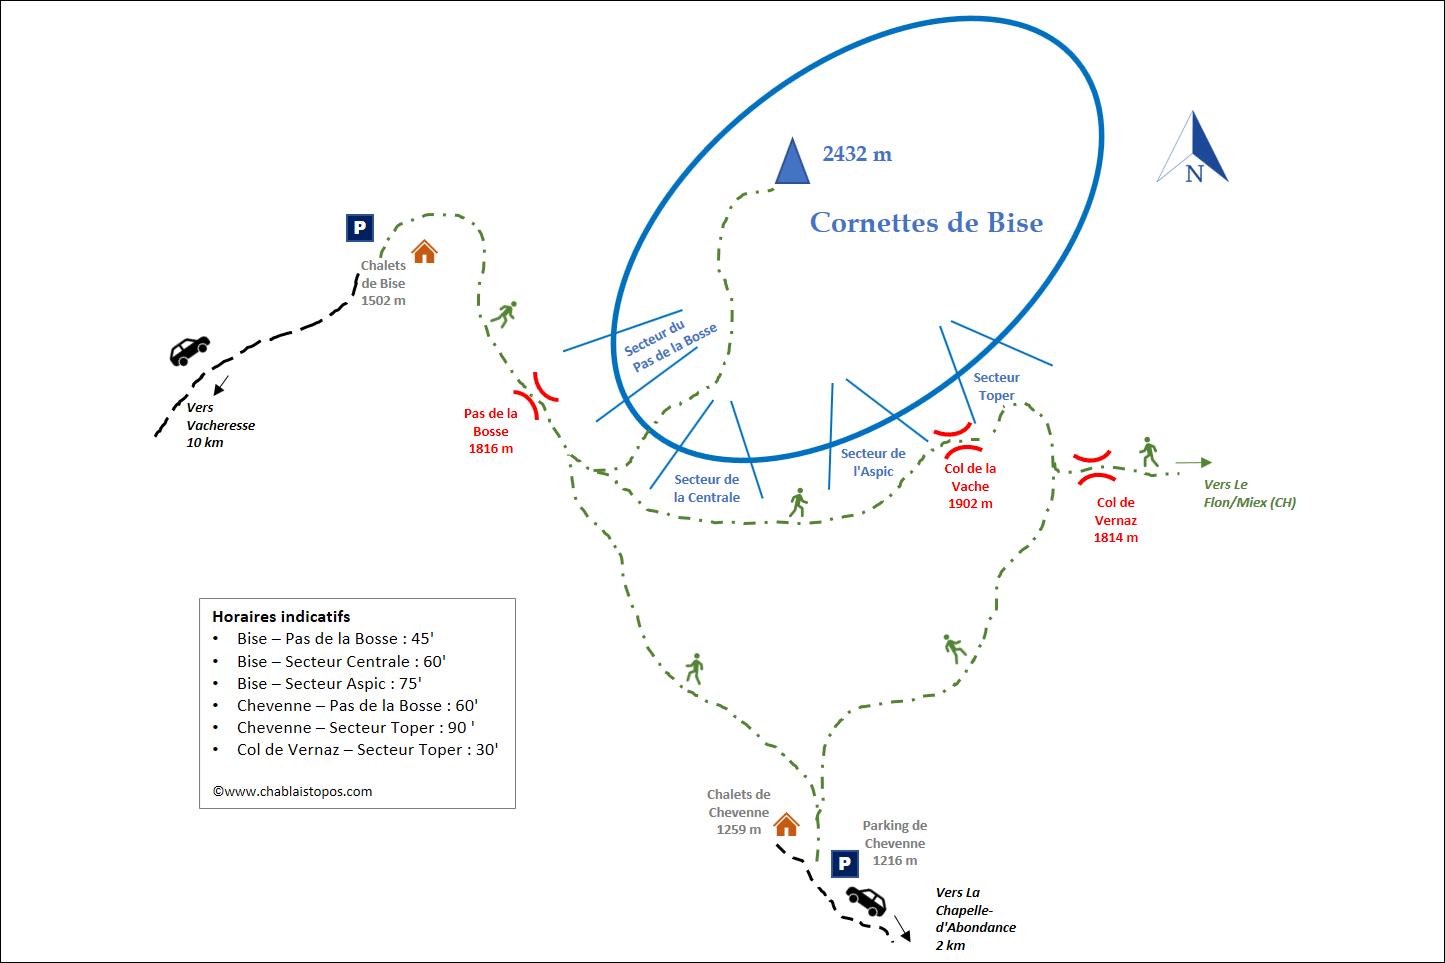 Cornettes de Bise - Accès général